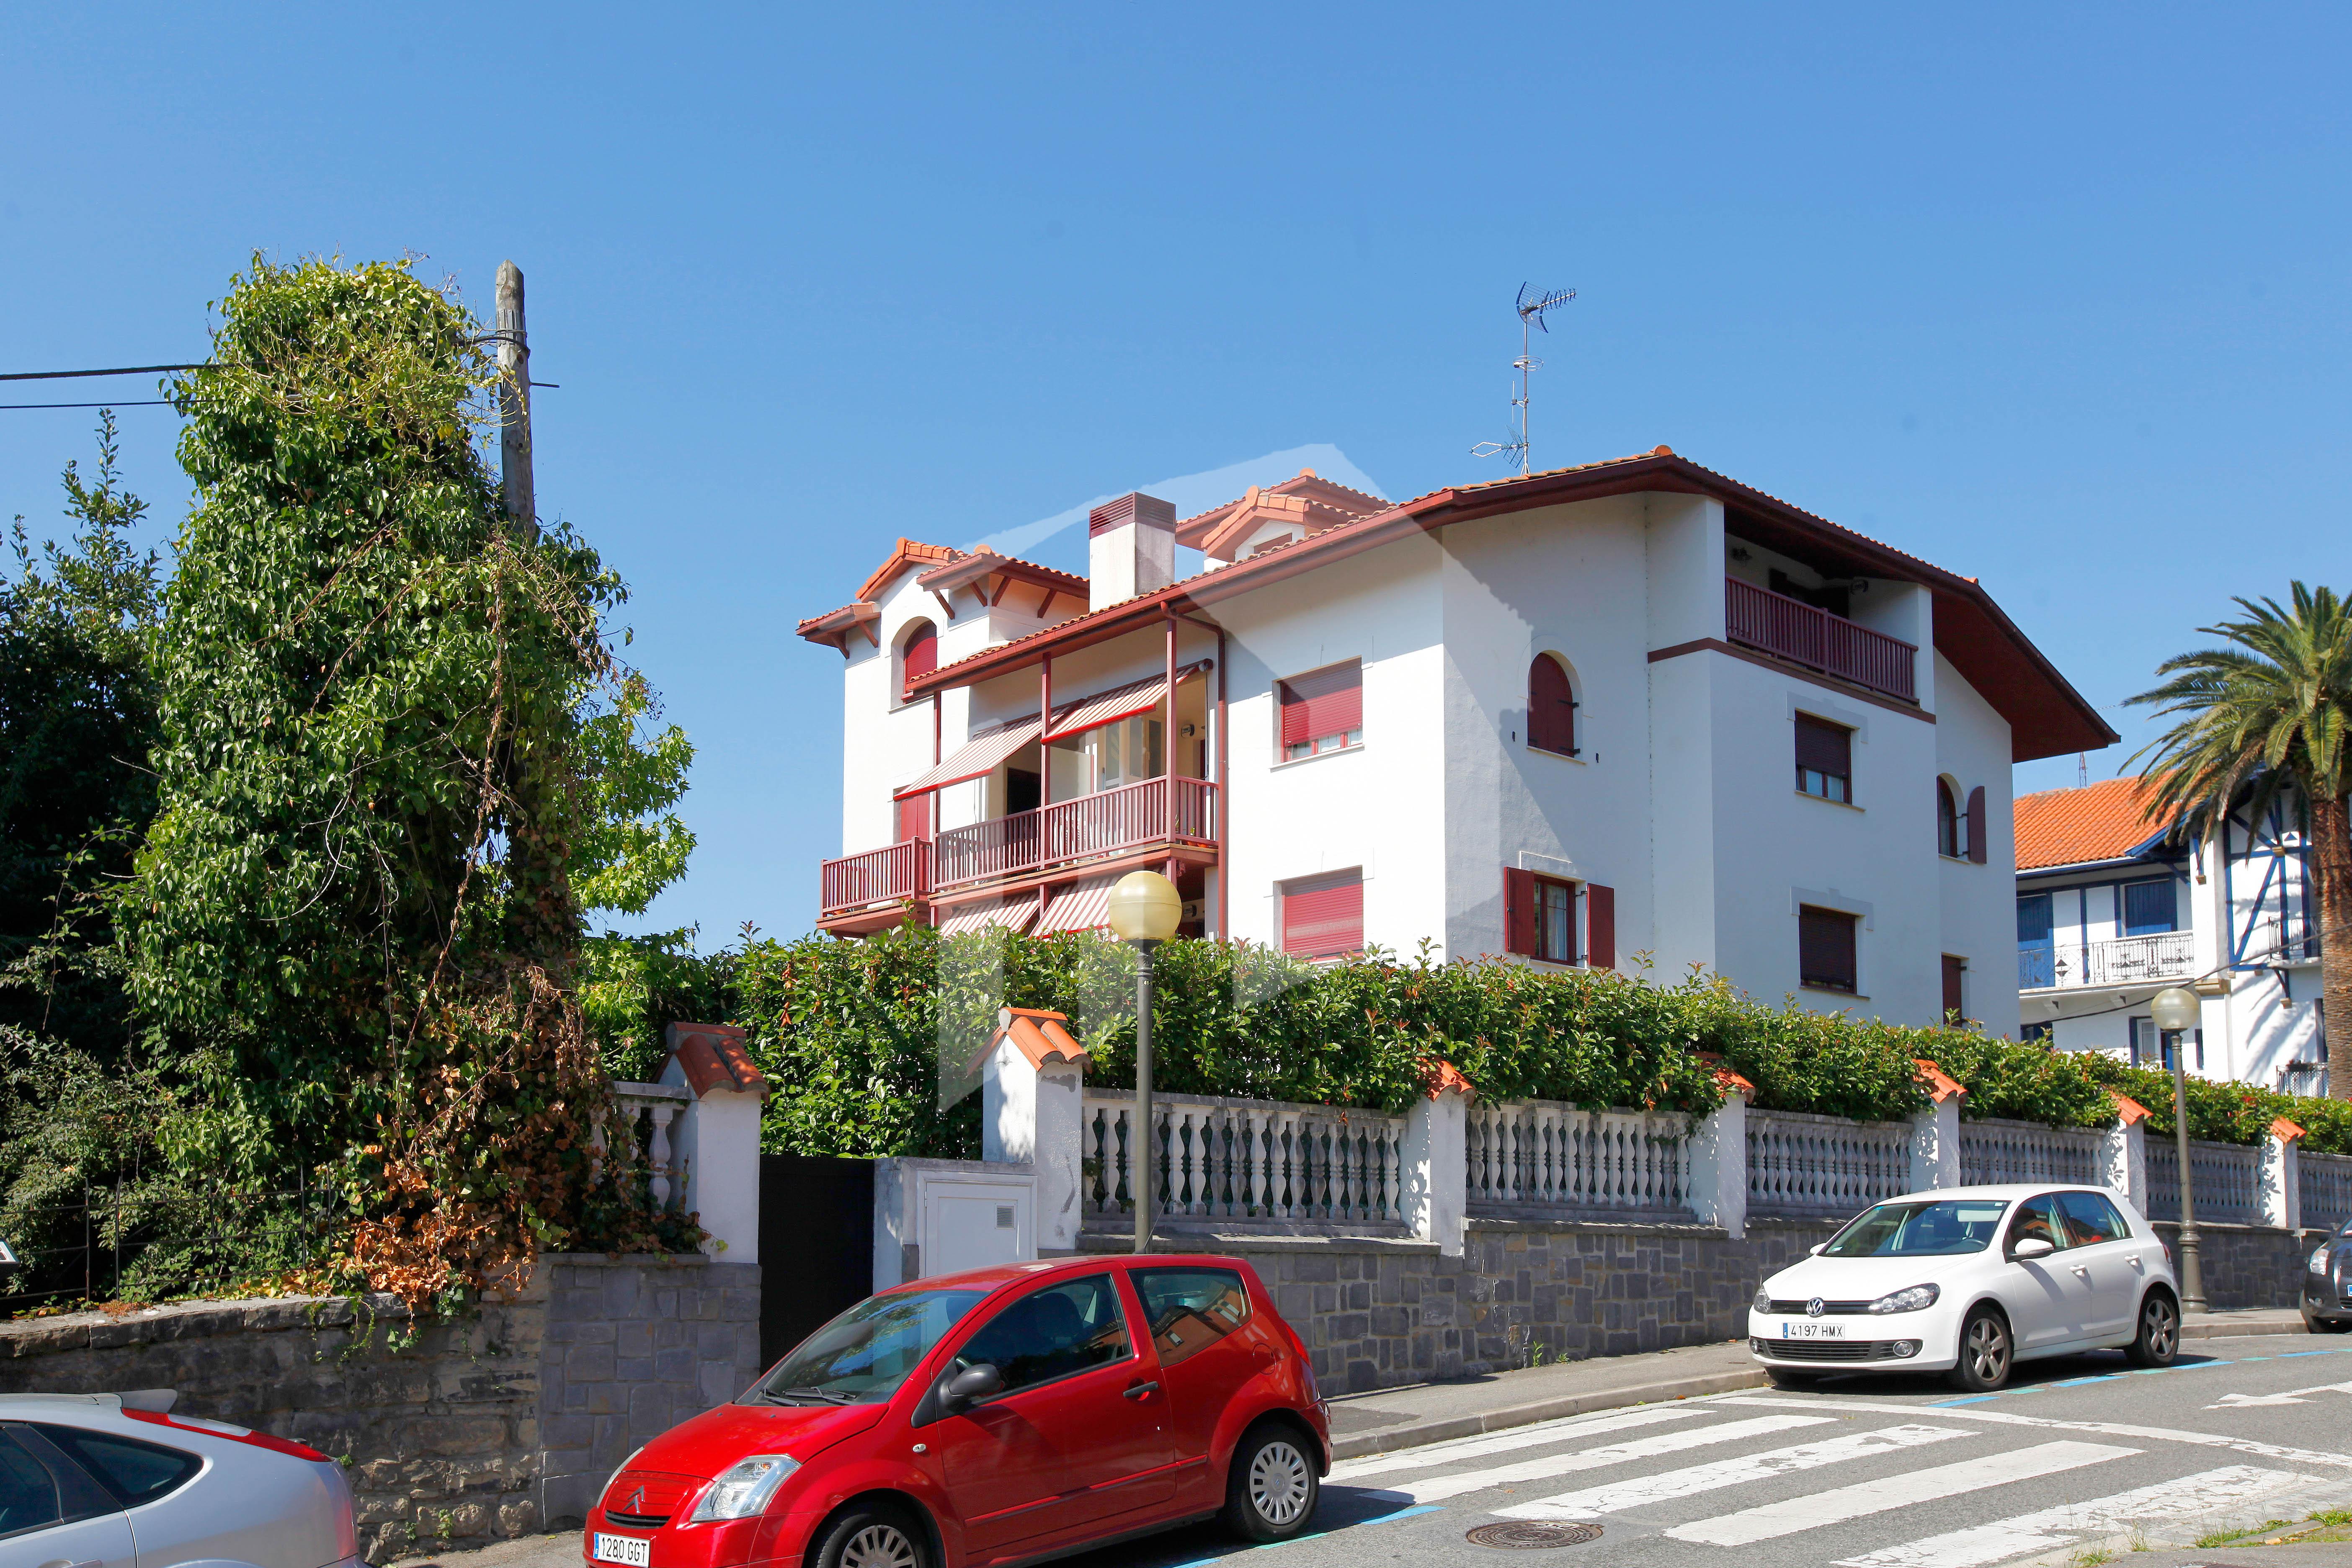 magnifica y luminosa vivienda de 96 m2 const. en 2009, orientada a tr...